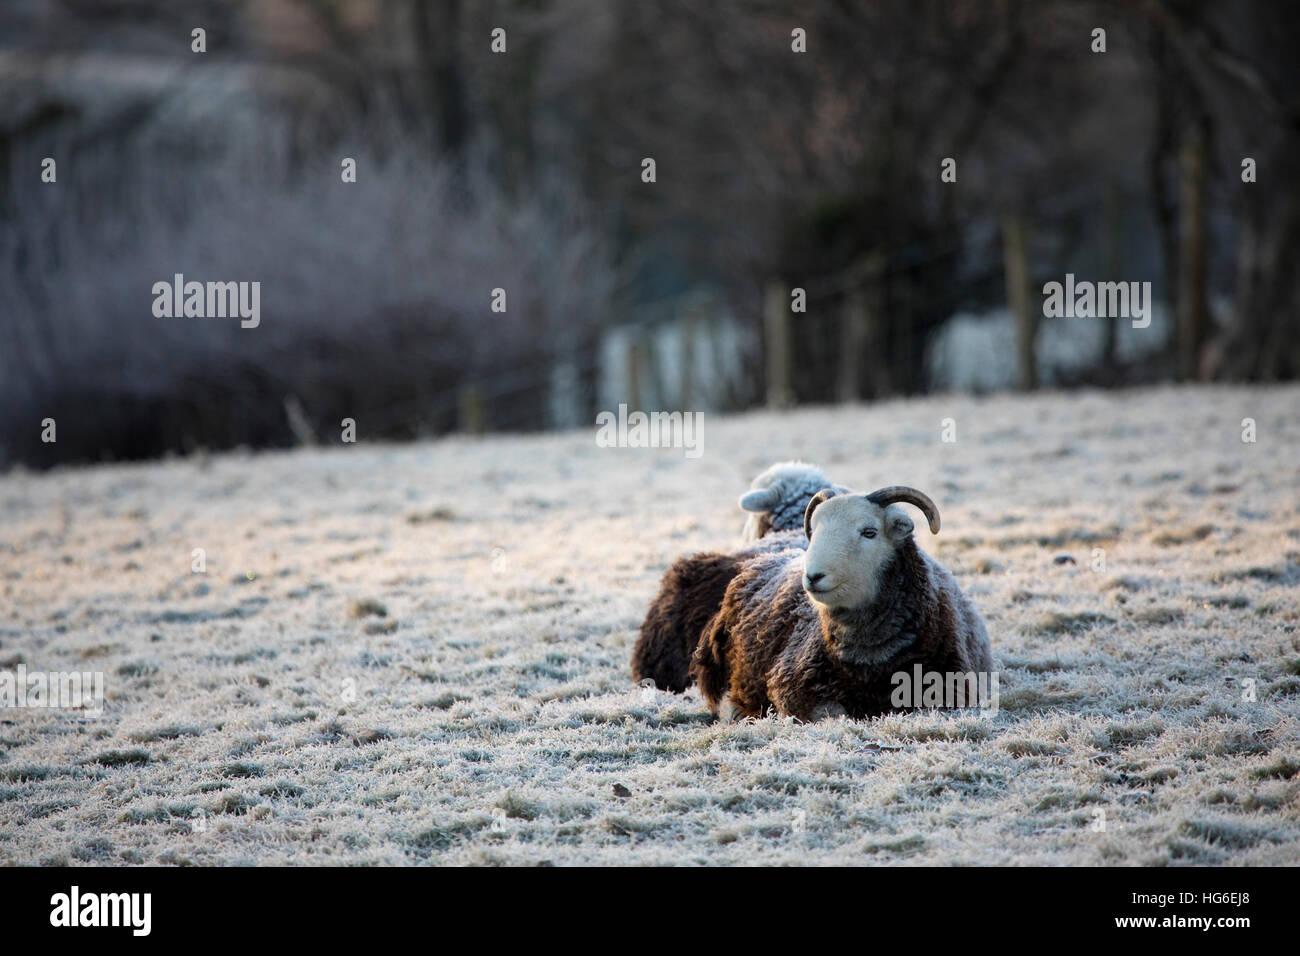 Ovejas descansando durante una pesada noche helada en la aldea de Nannerch (Flintshire, Wales, REINO UNIDO Imagen De Stock